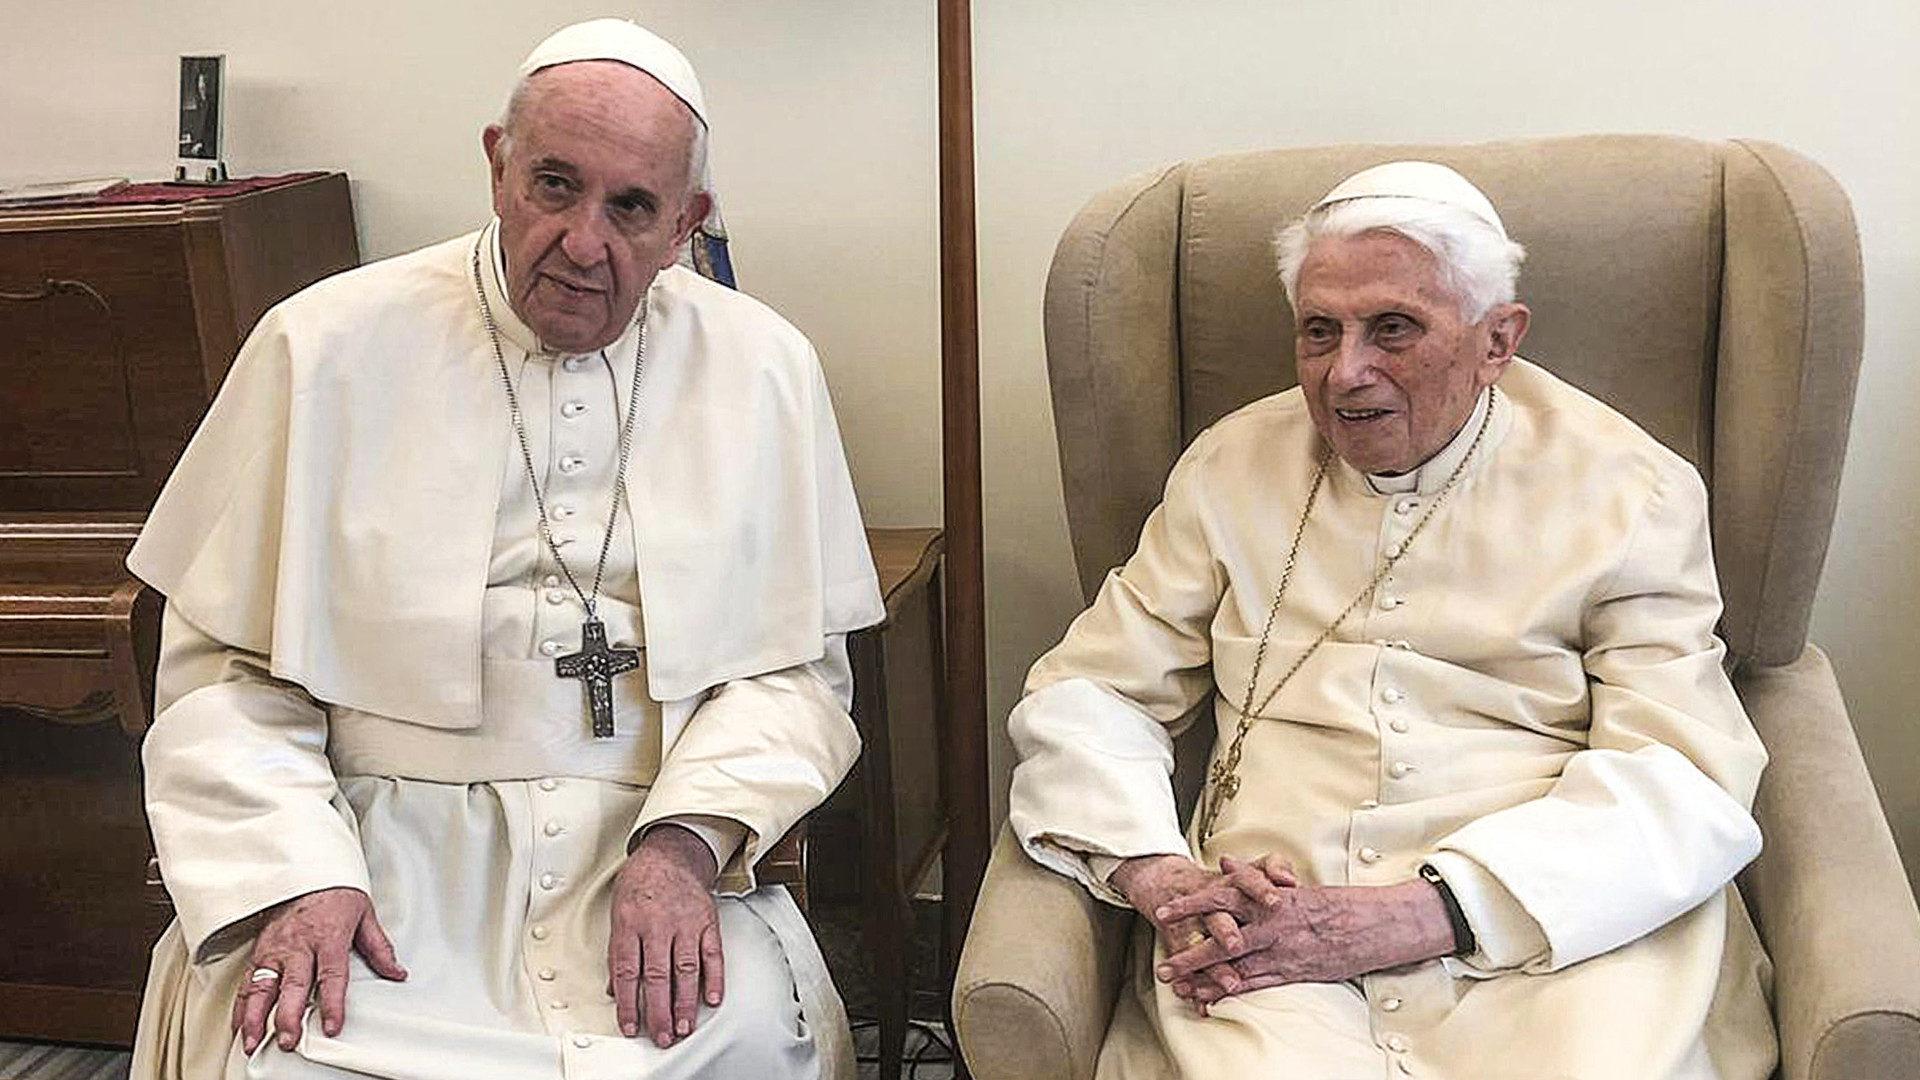 Papst Franziskus besucht Benedikt XVI. an dessen 92. Geburtstag. | © KNA